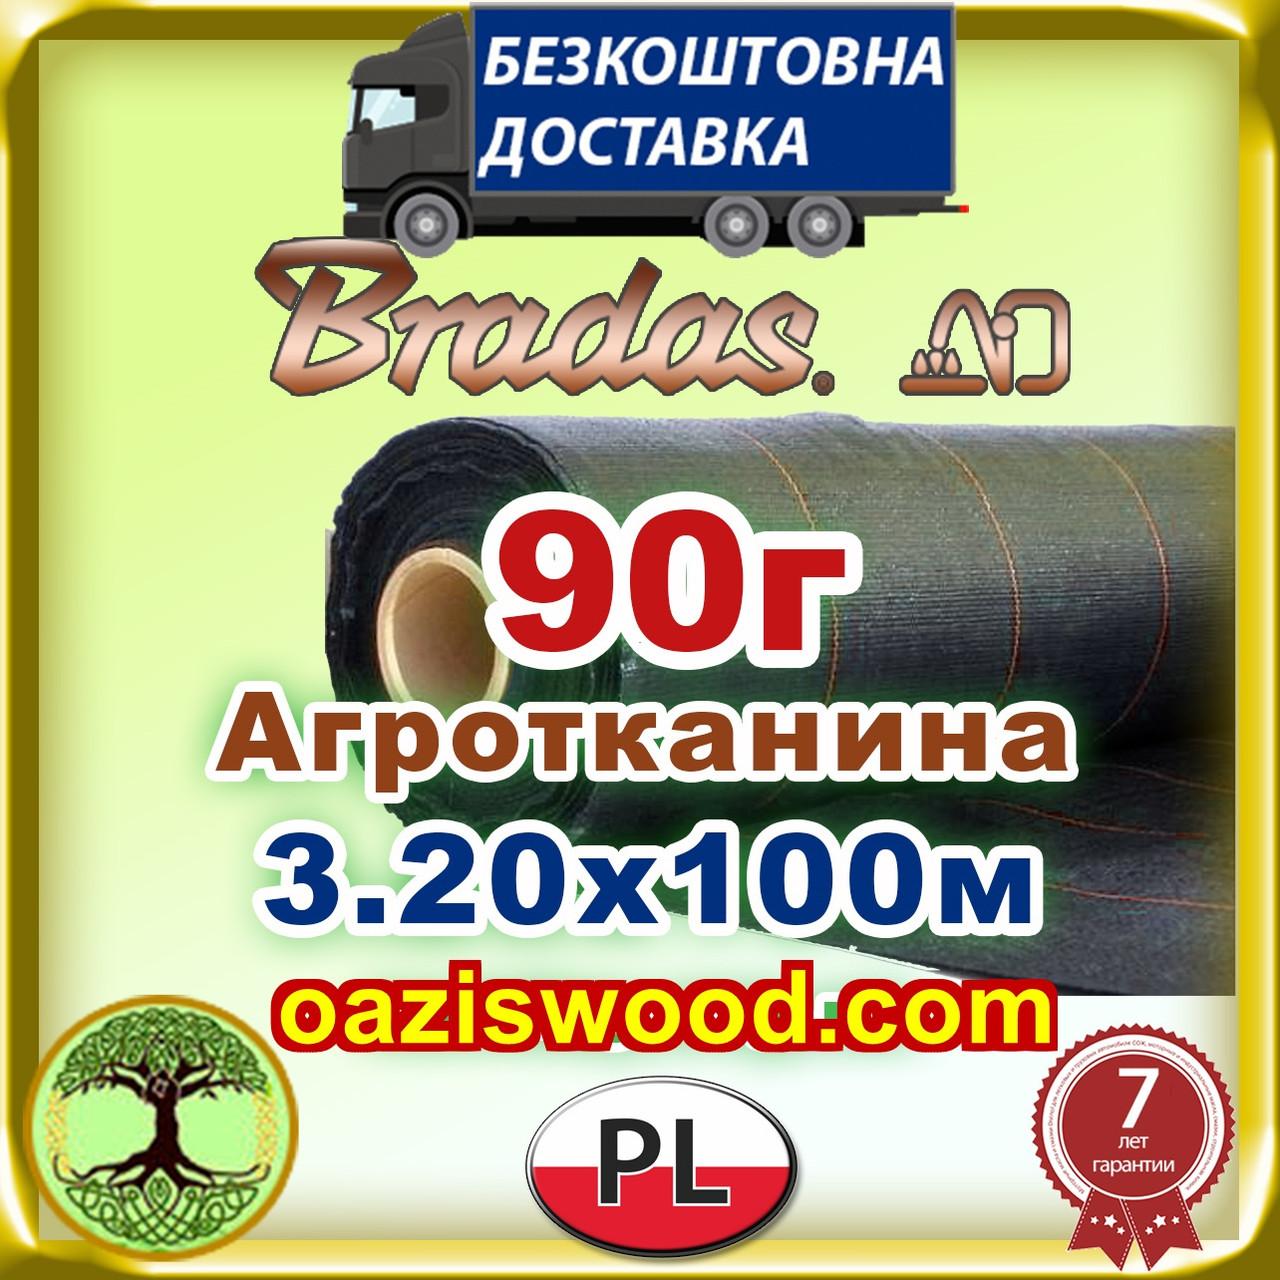 Агротканина 3,2 * 100м 90г/м² BRADAS плетена, чорна, щільна. Мульчування грунту на 7-10 років